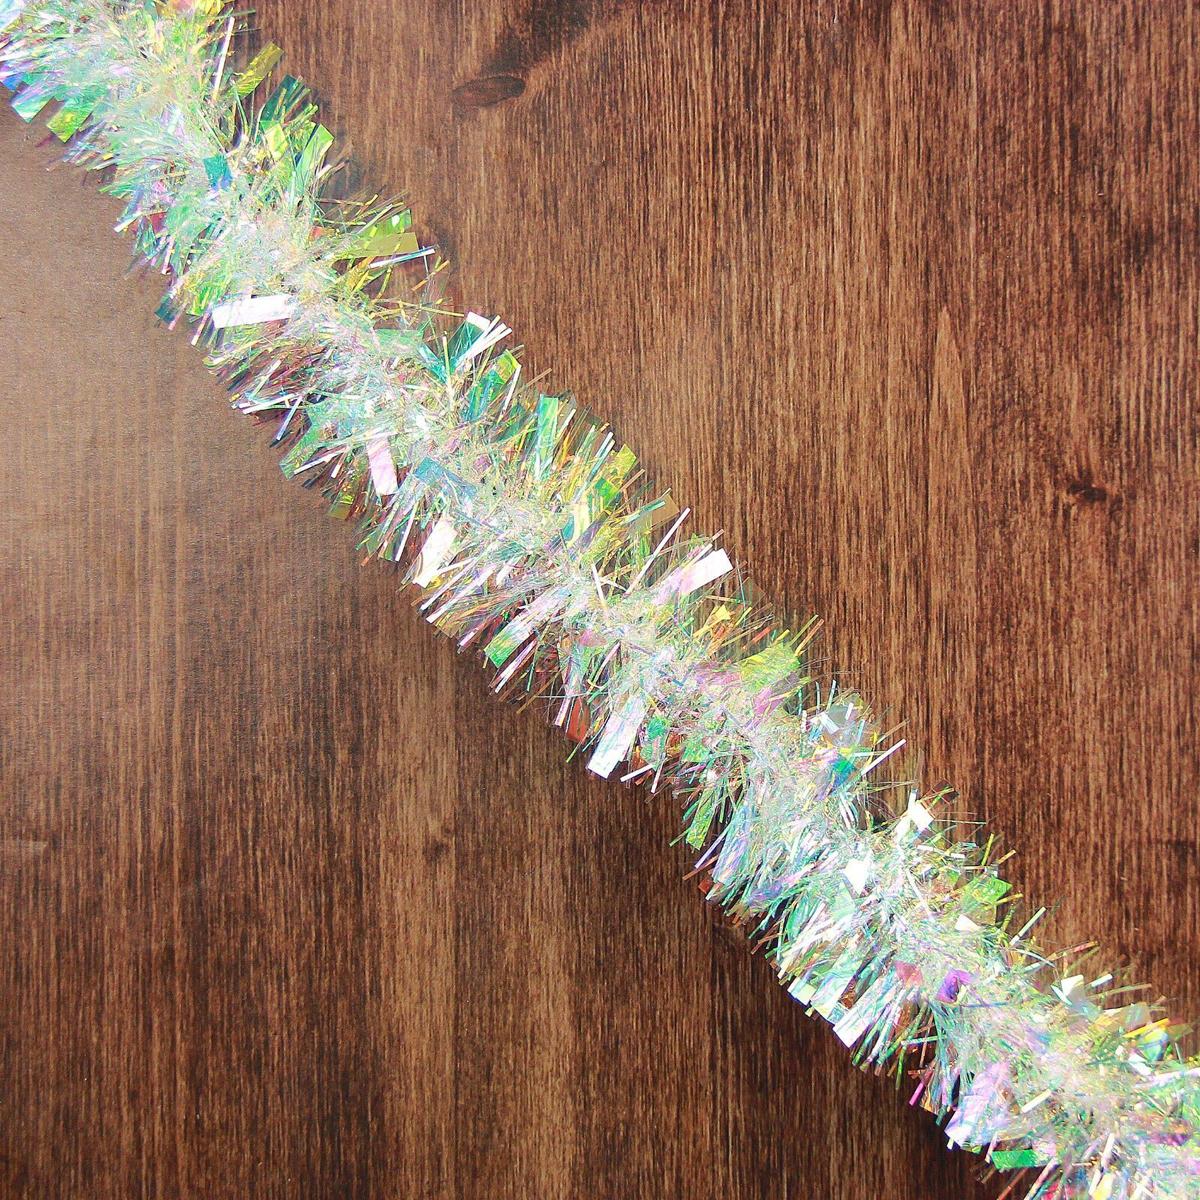 Мишура новогодняя Перламутровые блики, диаметр 6,5 см, длина 200 см мишура новогодняя eurohouse праздничная цвет сиреневый серебристый диаметр 9 см длина 200 см